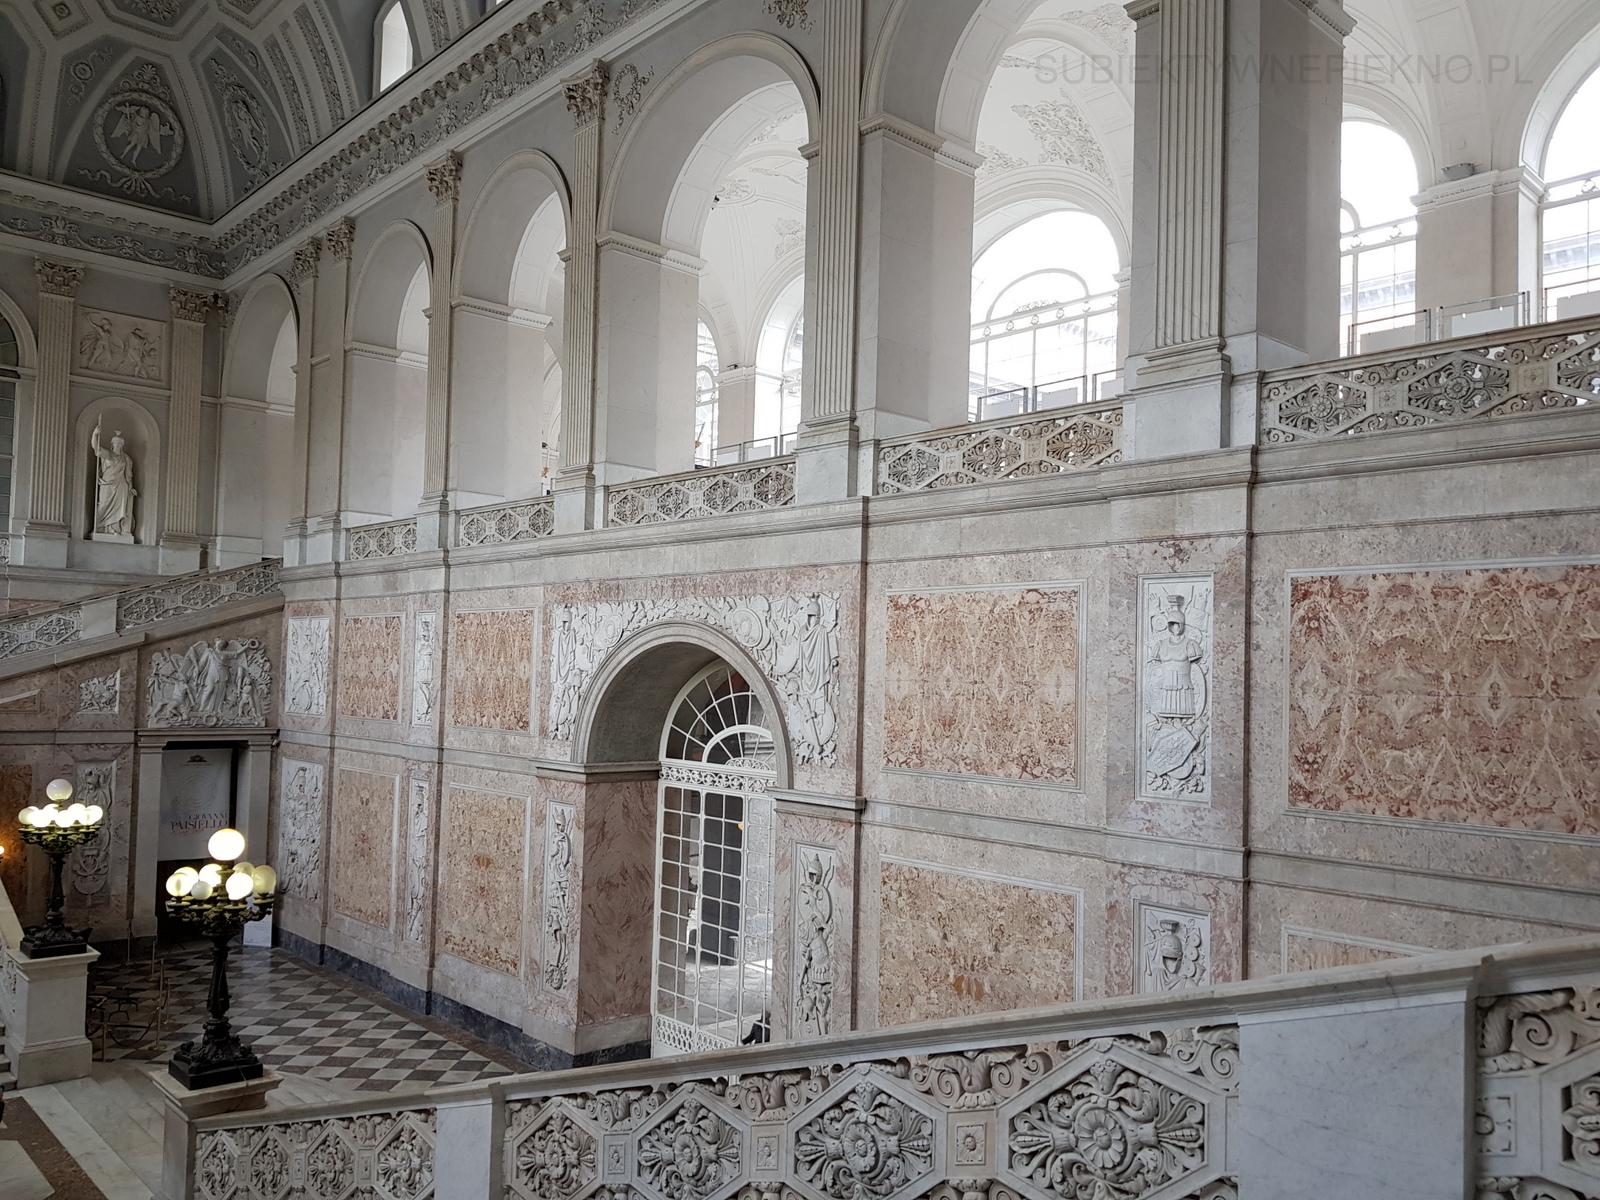 Neapol Włochy - Pałac Królewski w Neapolu w środku